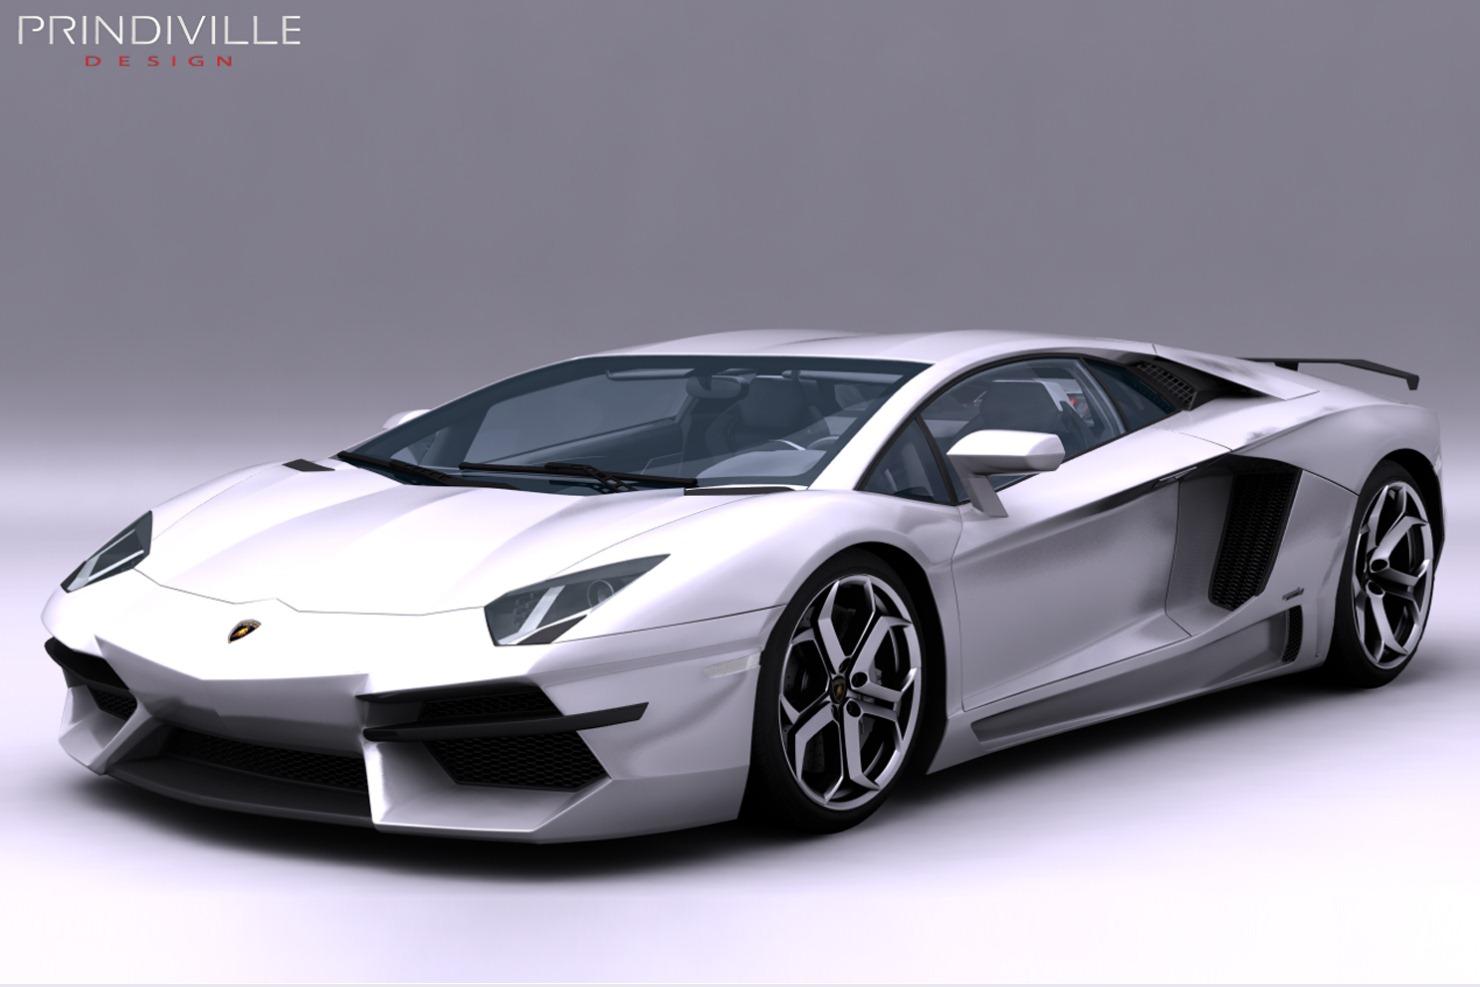 2012 Prindiville Lamborghini Aventador Lp700 4 Gambar